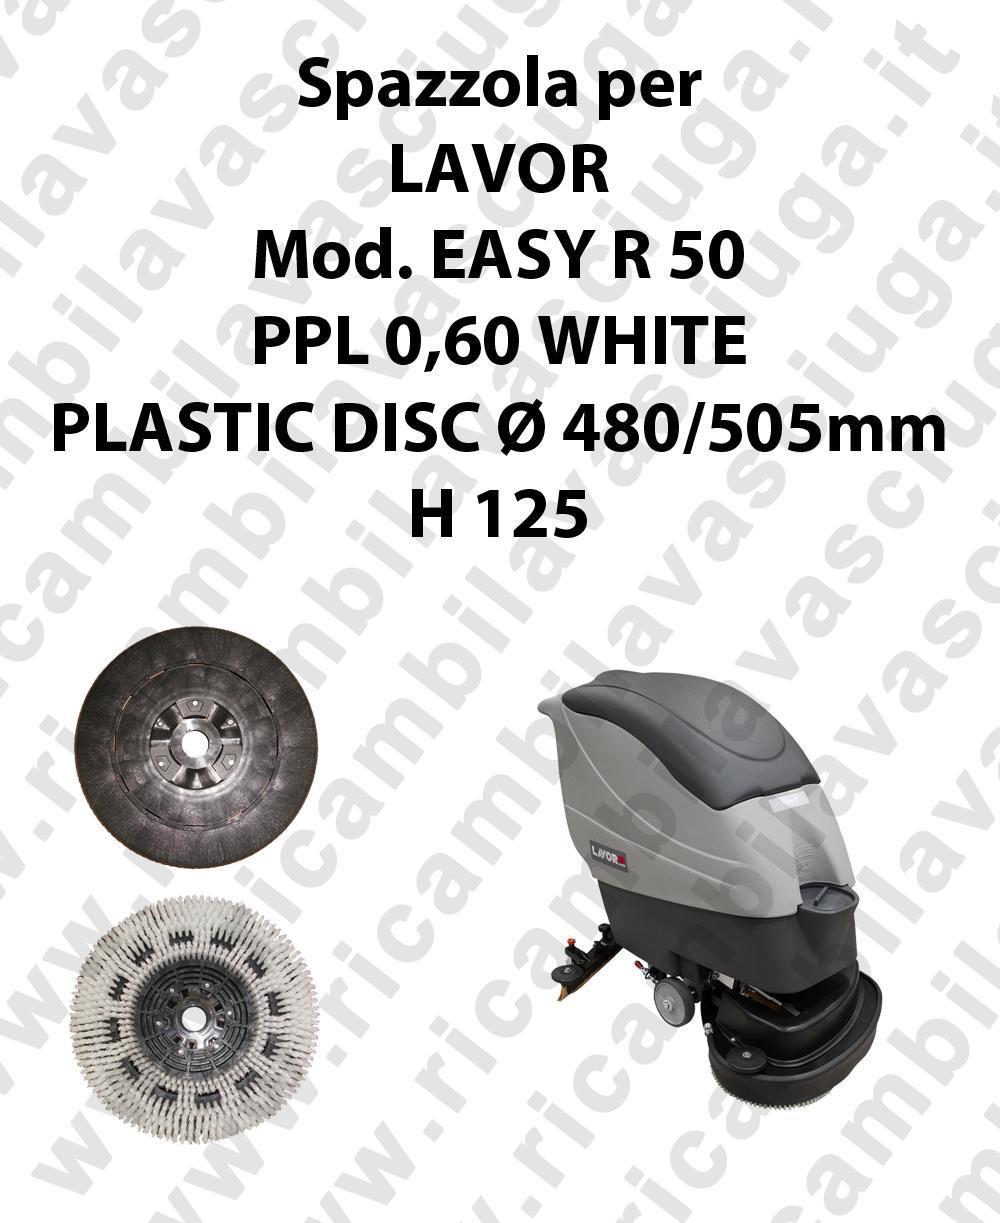 Cleaning Brush PPL 0,60 WHITE for scrubber dryer LAVOR Model EASY R 50